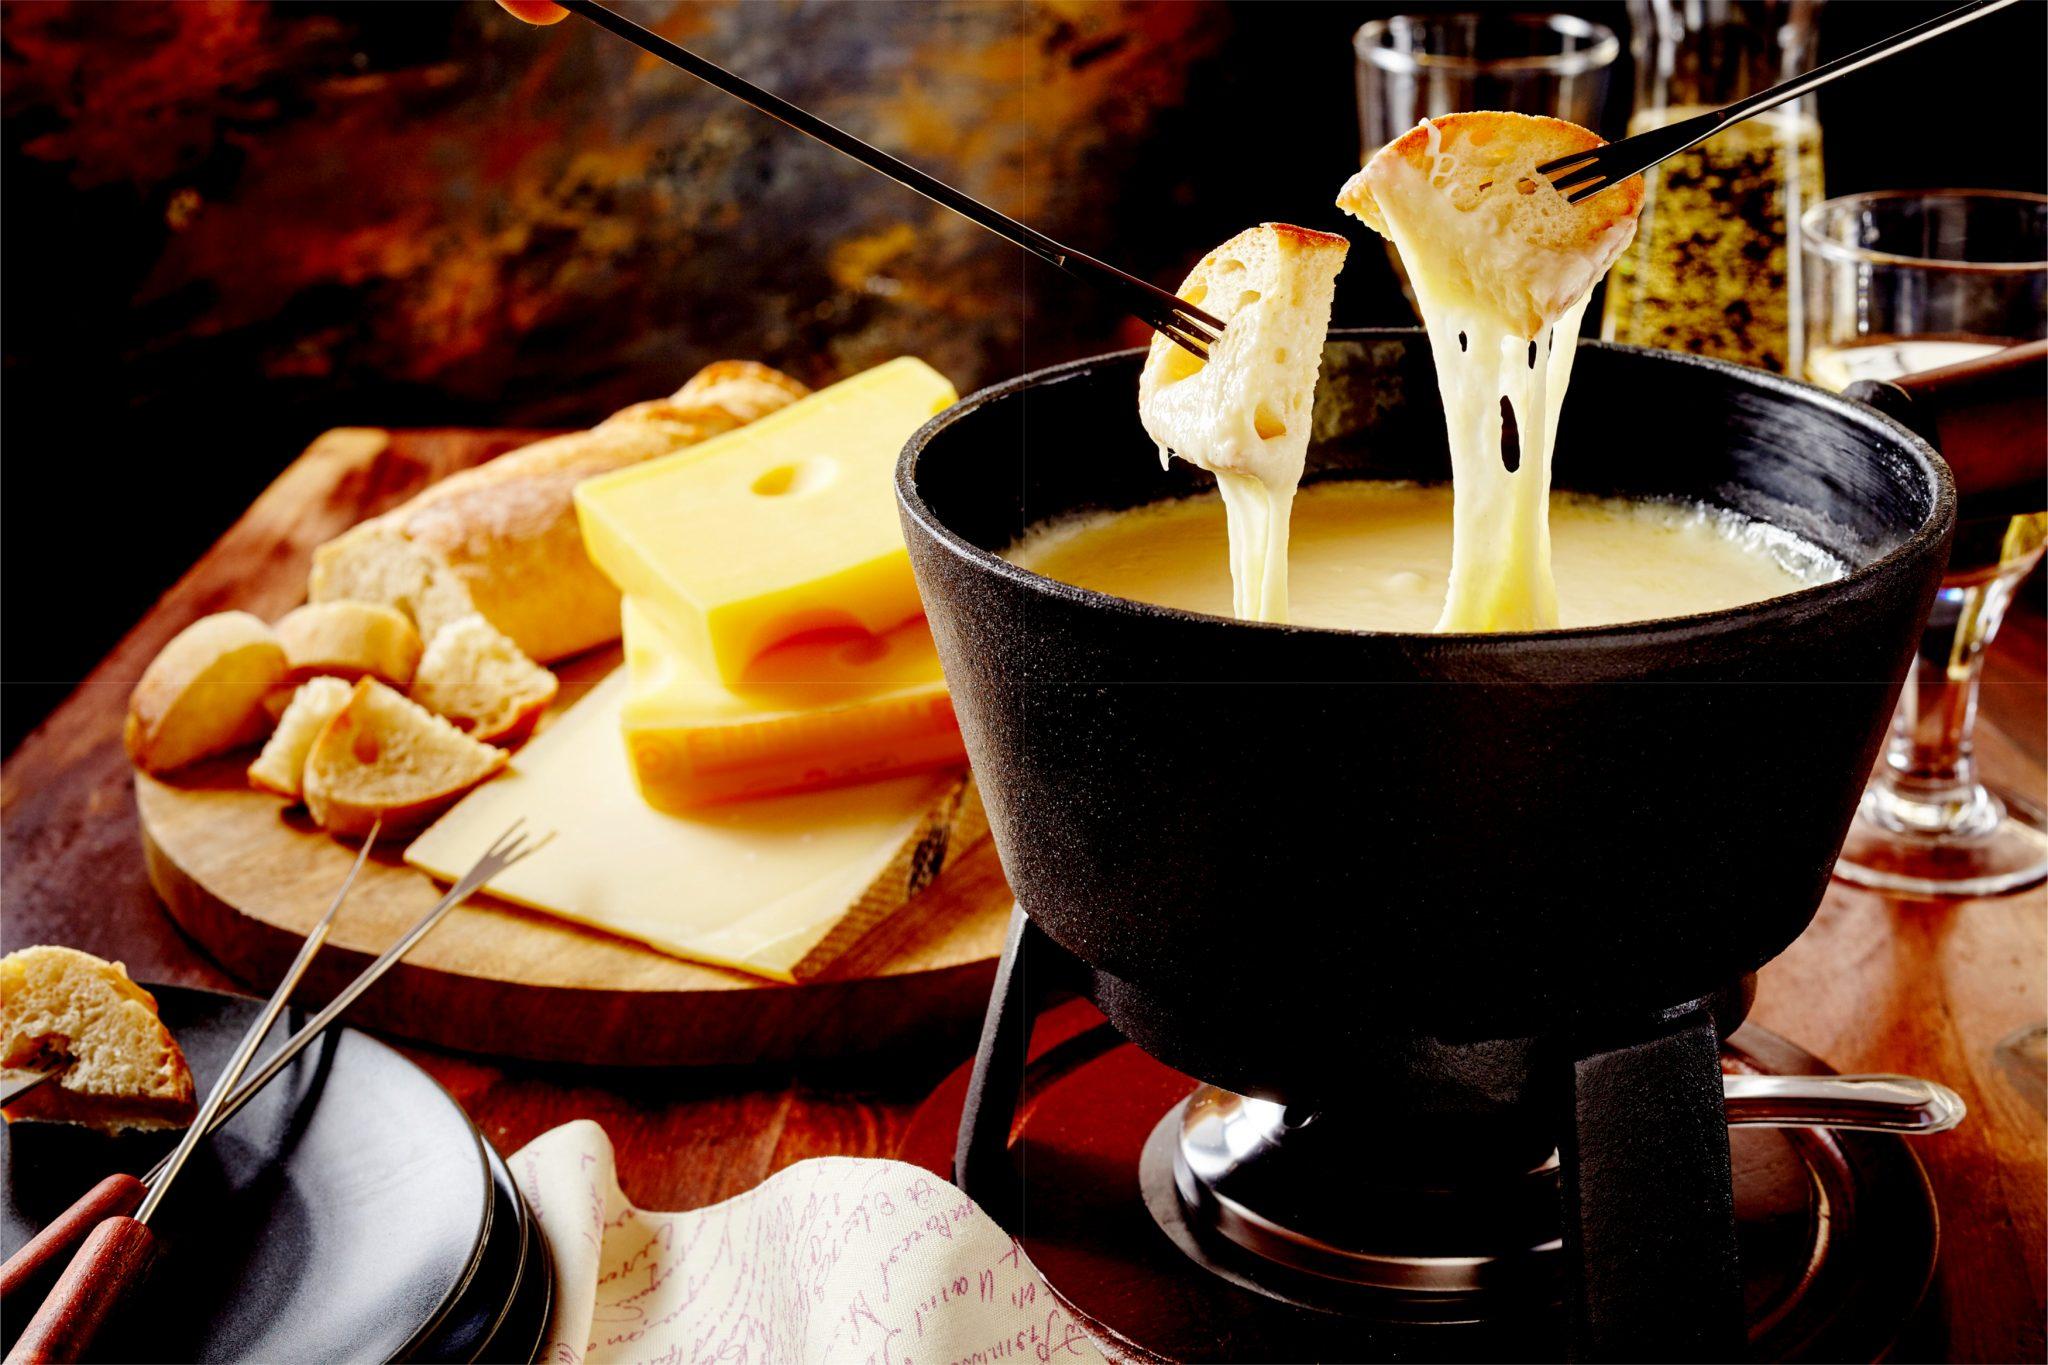 パンをチーズにつけている写真